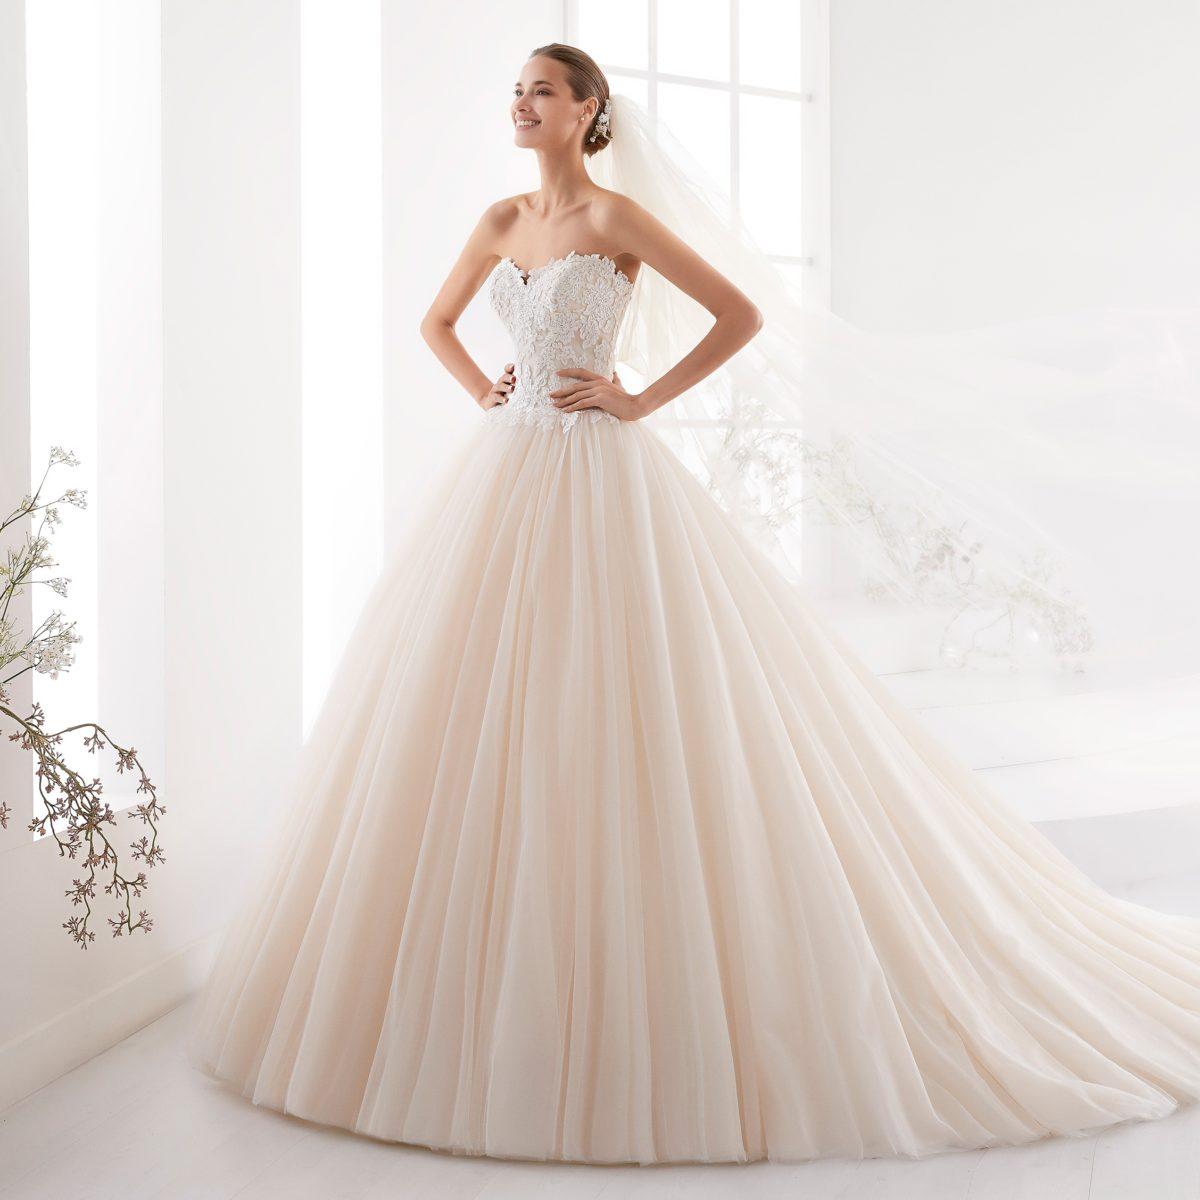 Σειρά Aurora - Νυφικό σε πριγκιπική και ρομαντική γραμμή σε light pink απόχρωση, φτιαγμένο απο τούλι και υπέροχη ανάγλυφη δαντέλα με εντυπωσιακή ουρά.